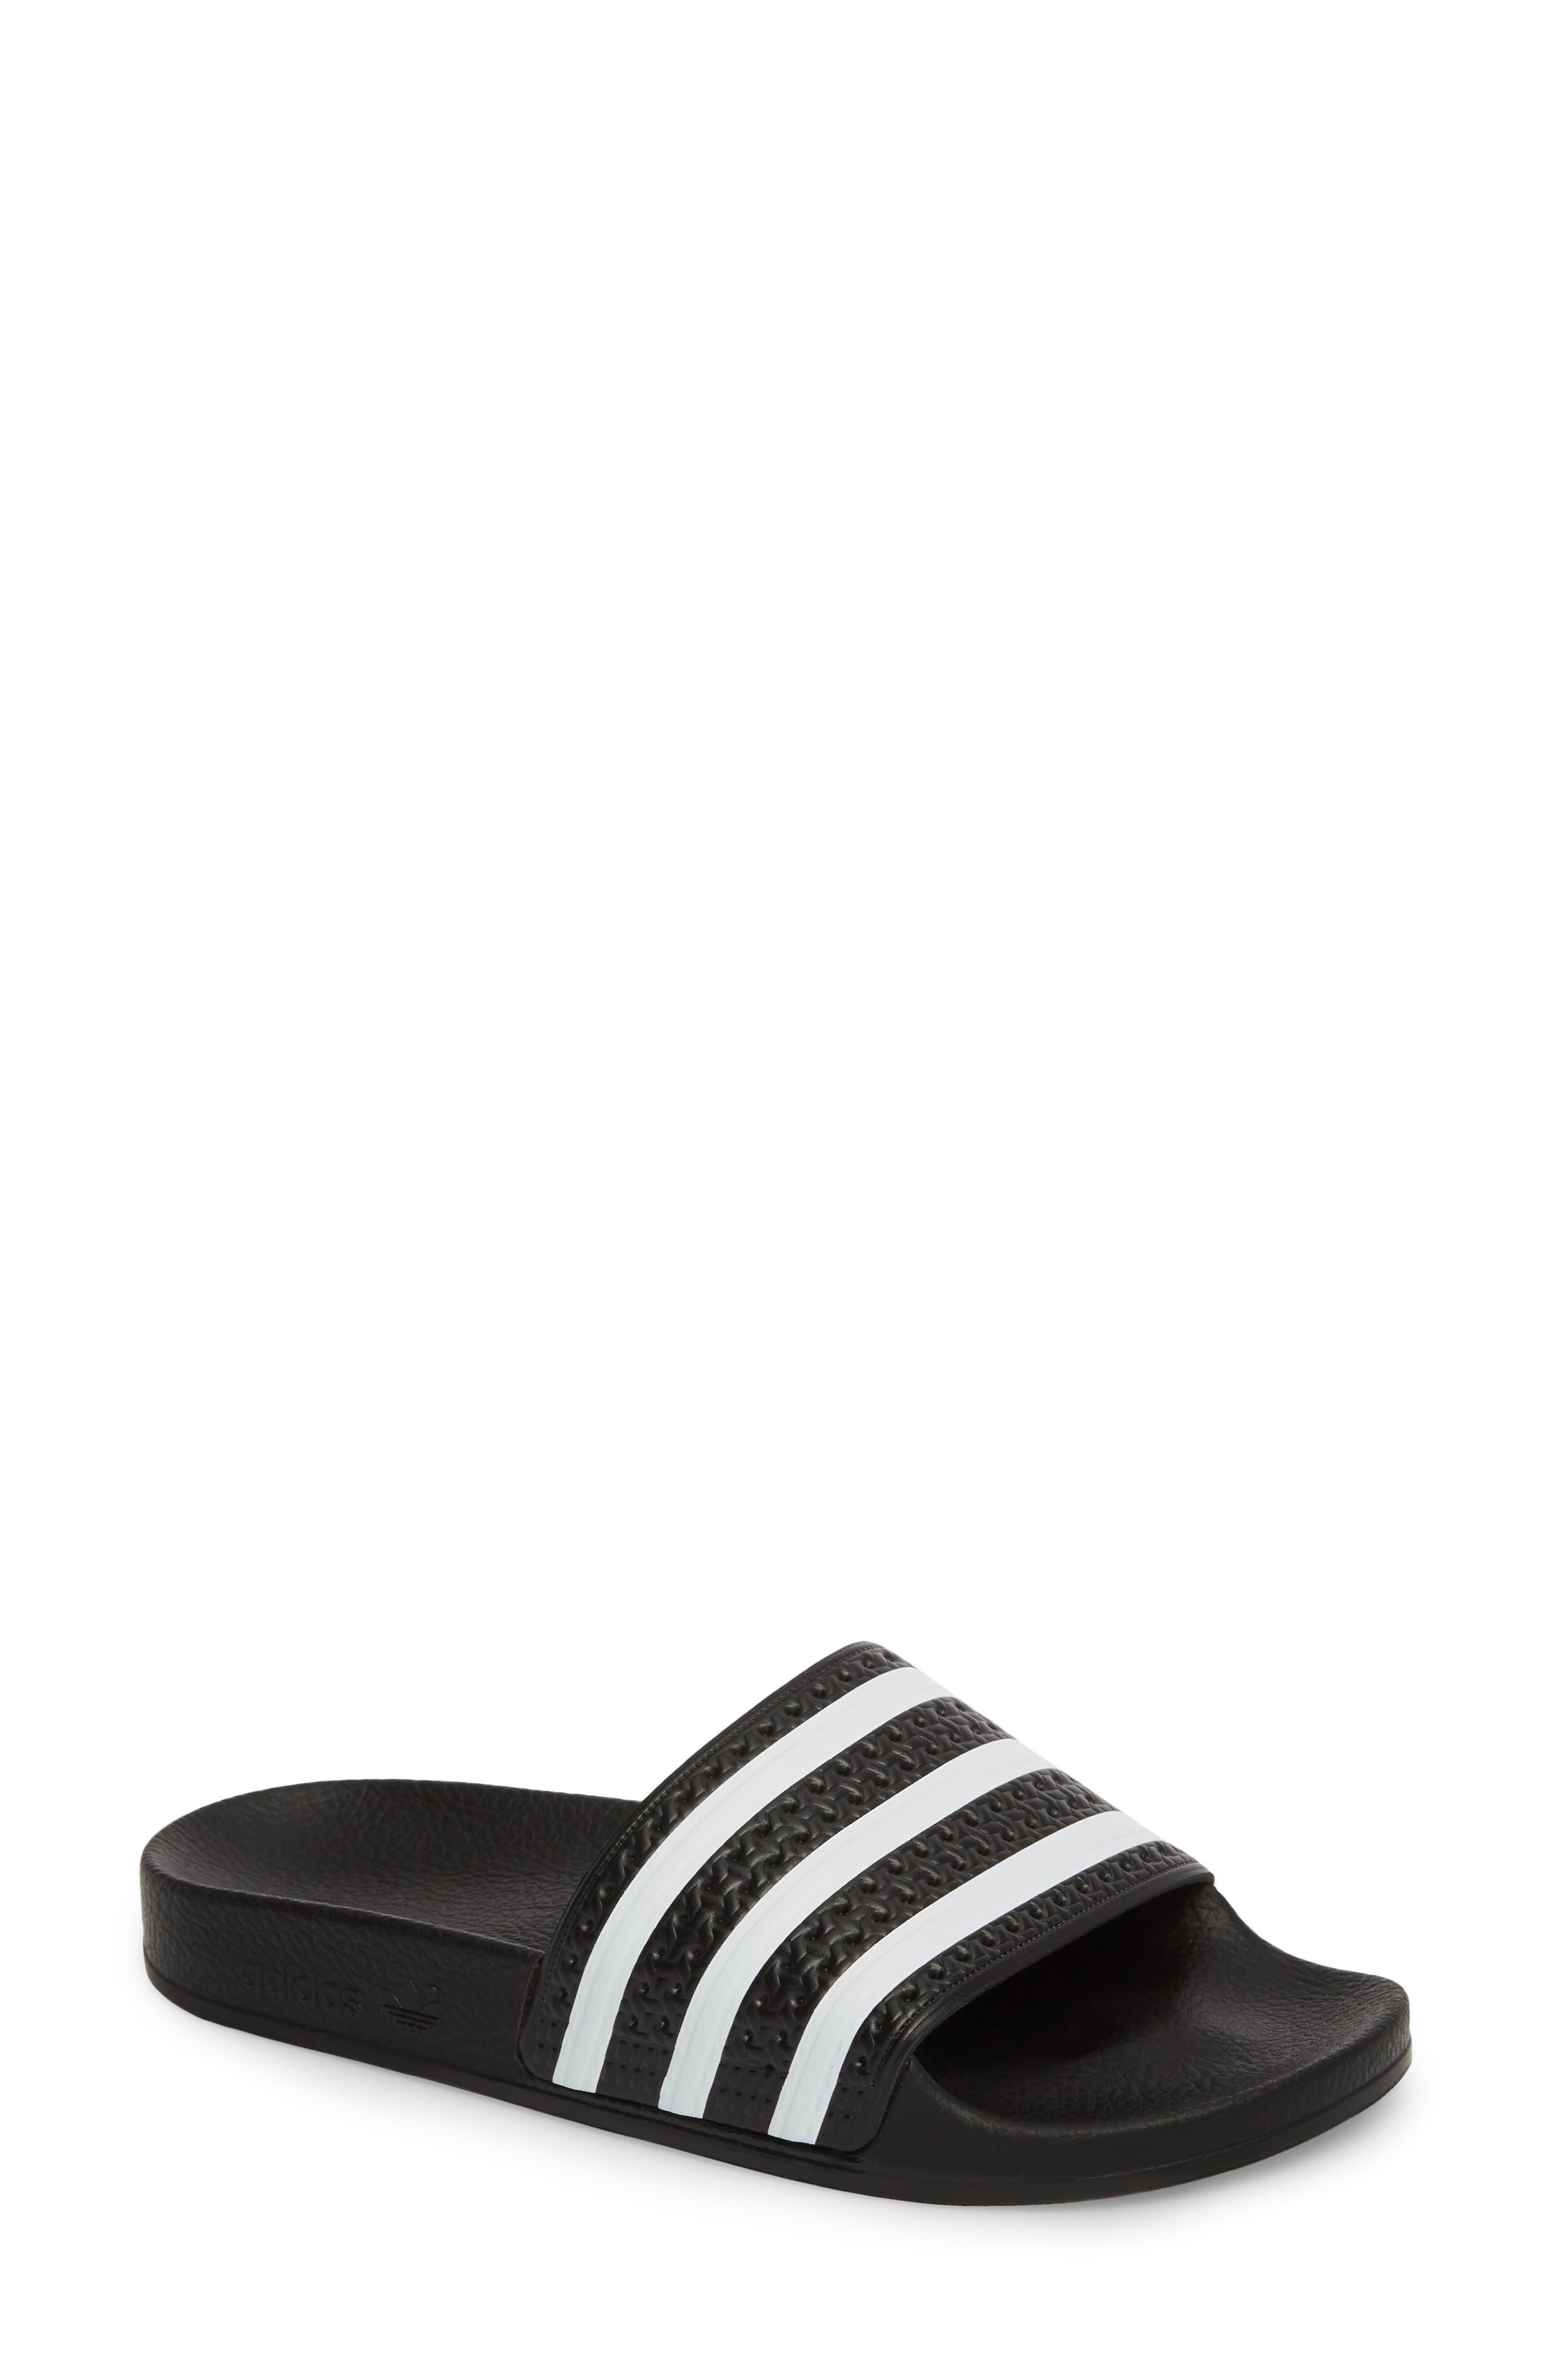 ADIDAS,                             'Adilette' Slide Sandal,                             Main thumbnail 1, color,                             CORE BLACK/ WHITE/ CORE BLACK